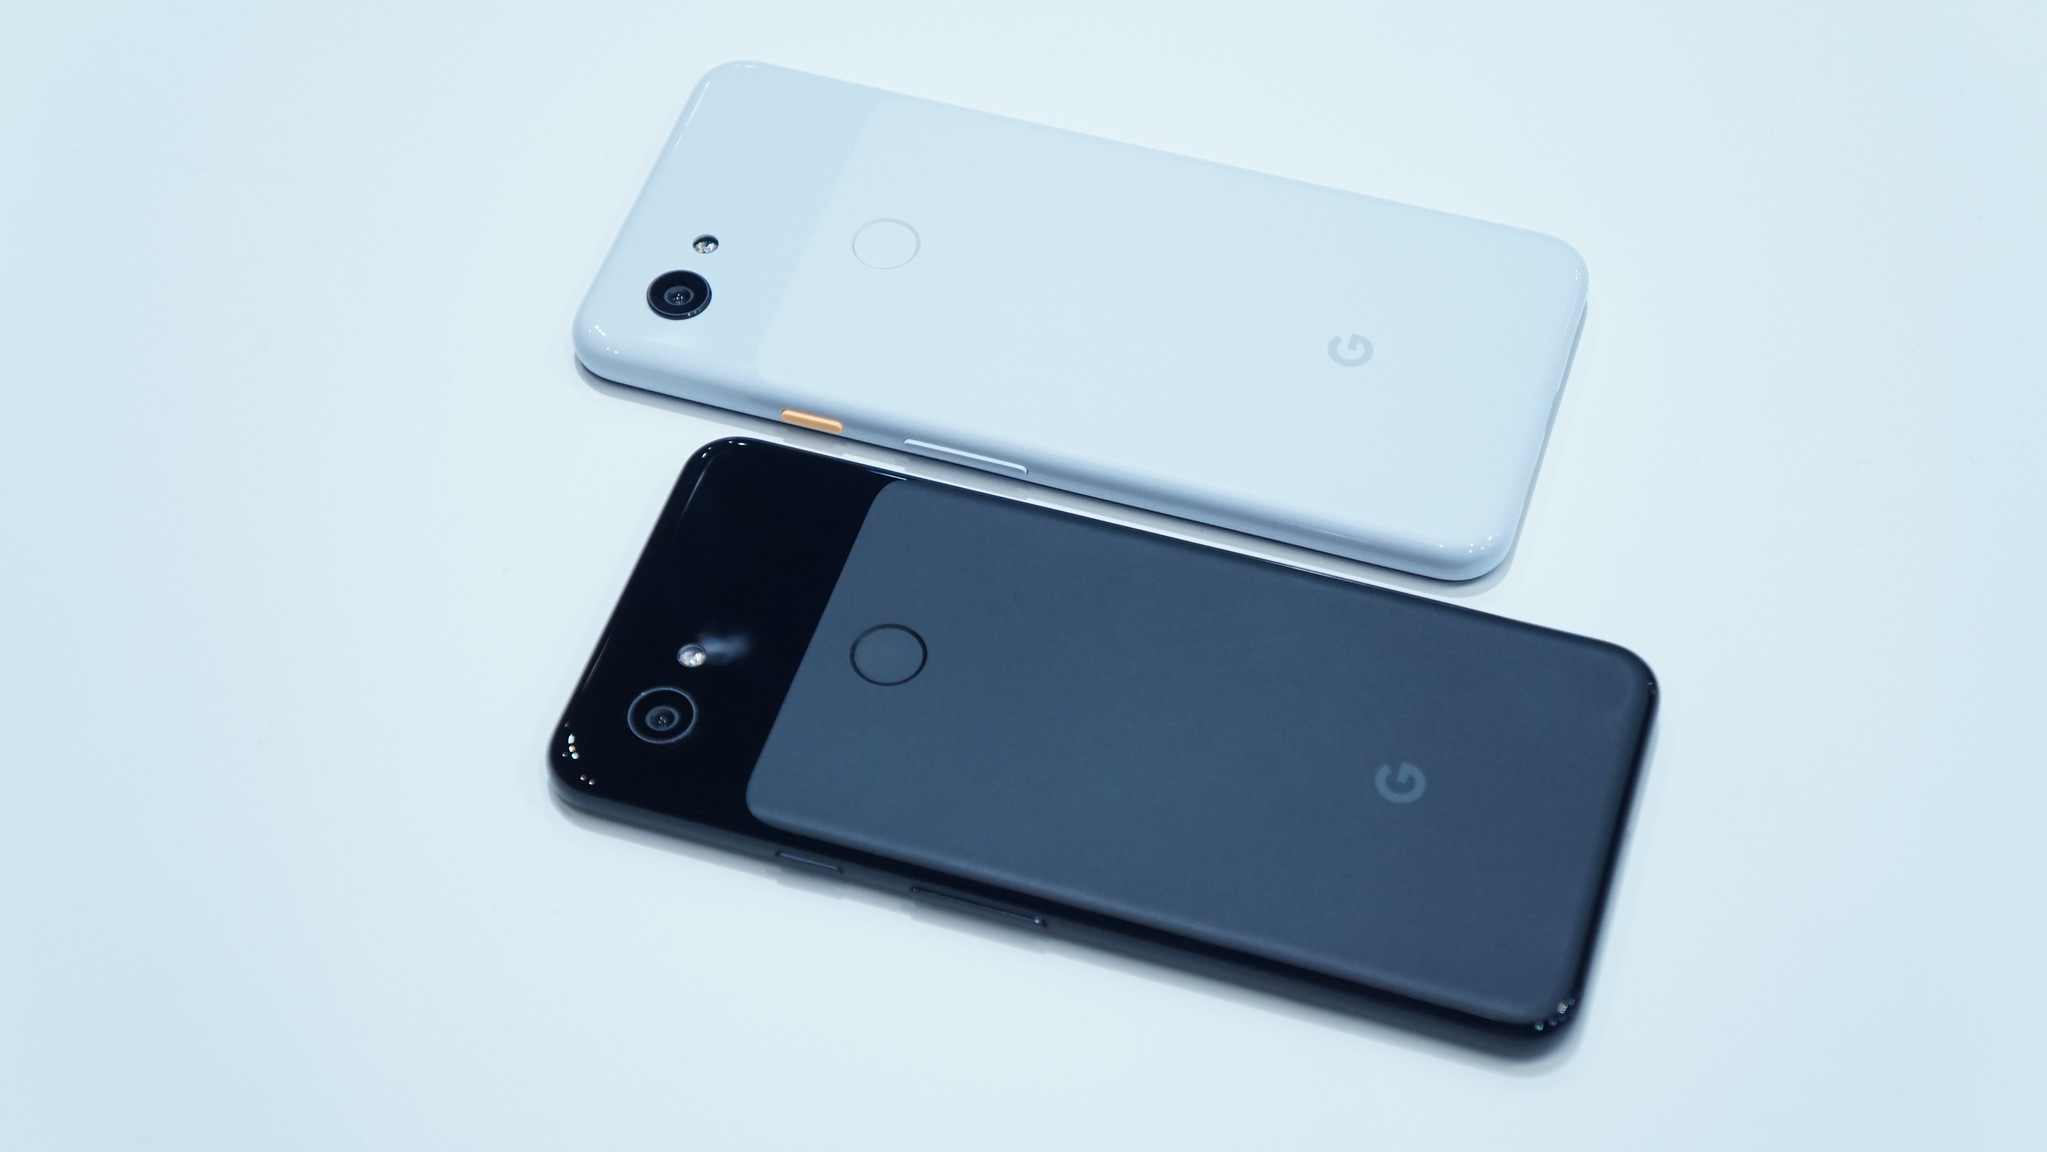 ドコモ版「Pixel 3a」の発売日は6月7日。SIMフリーよりも安い4.6万円